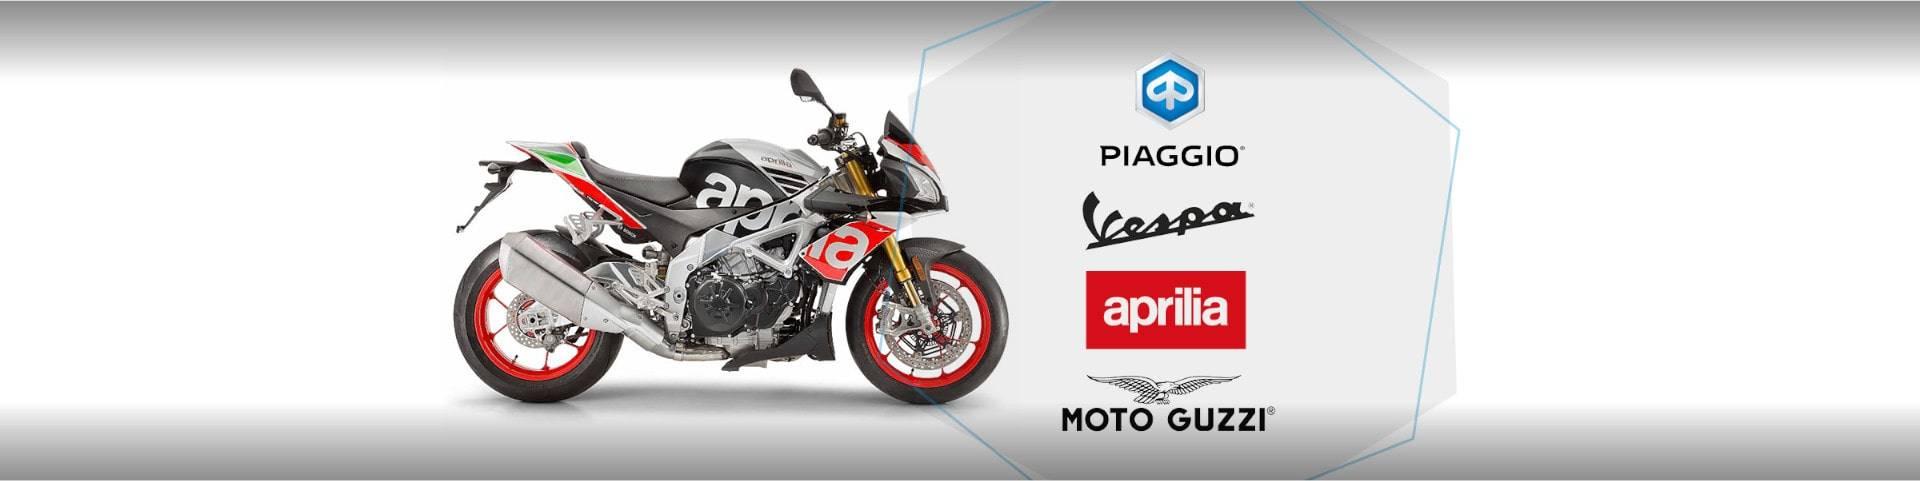 Nové značky Piaggio group